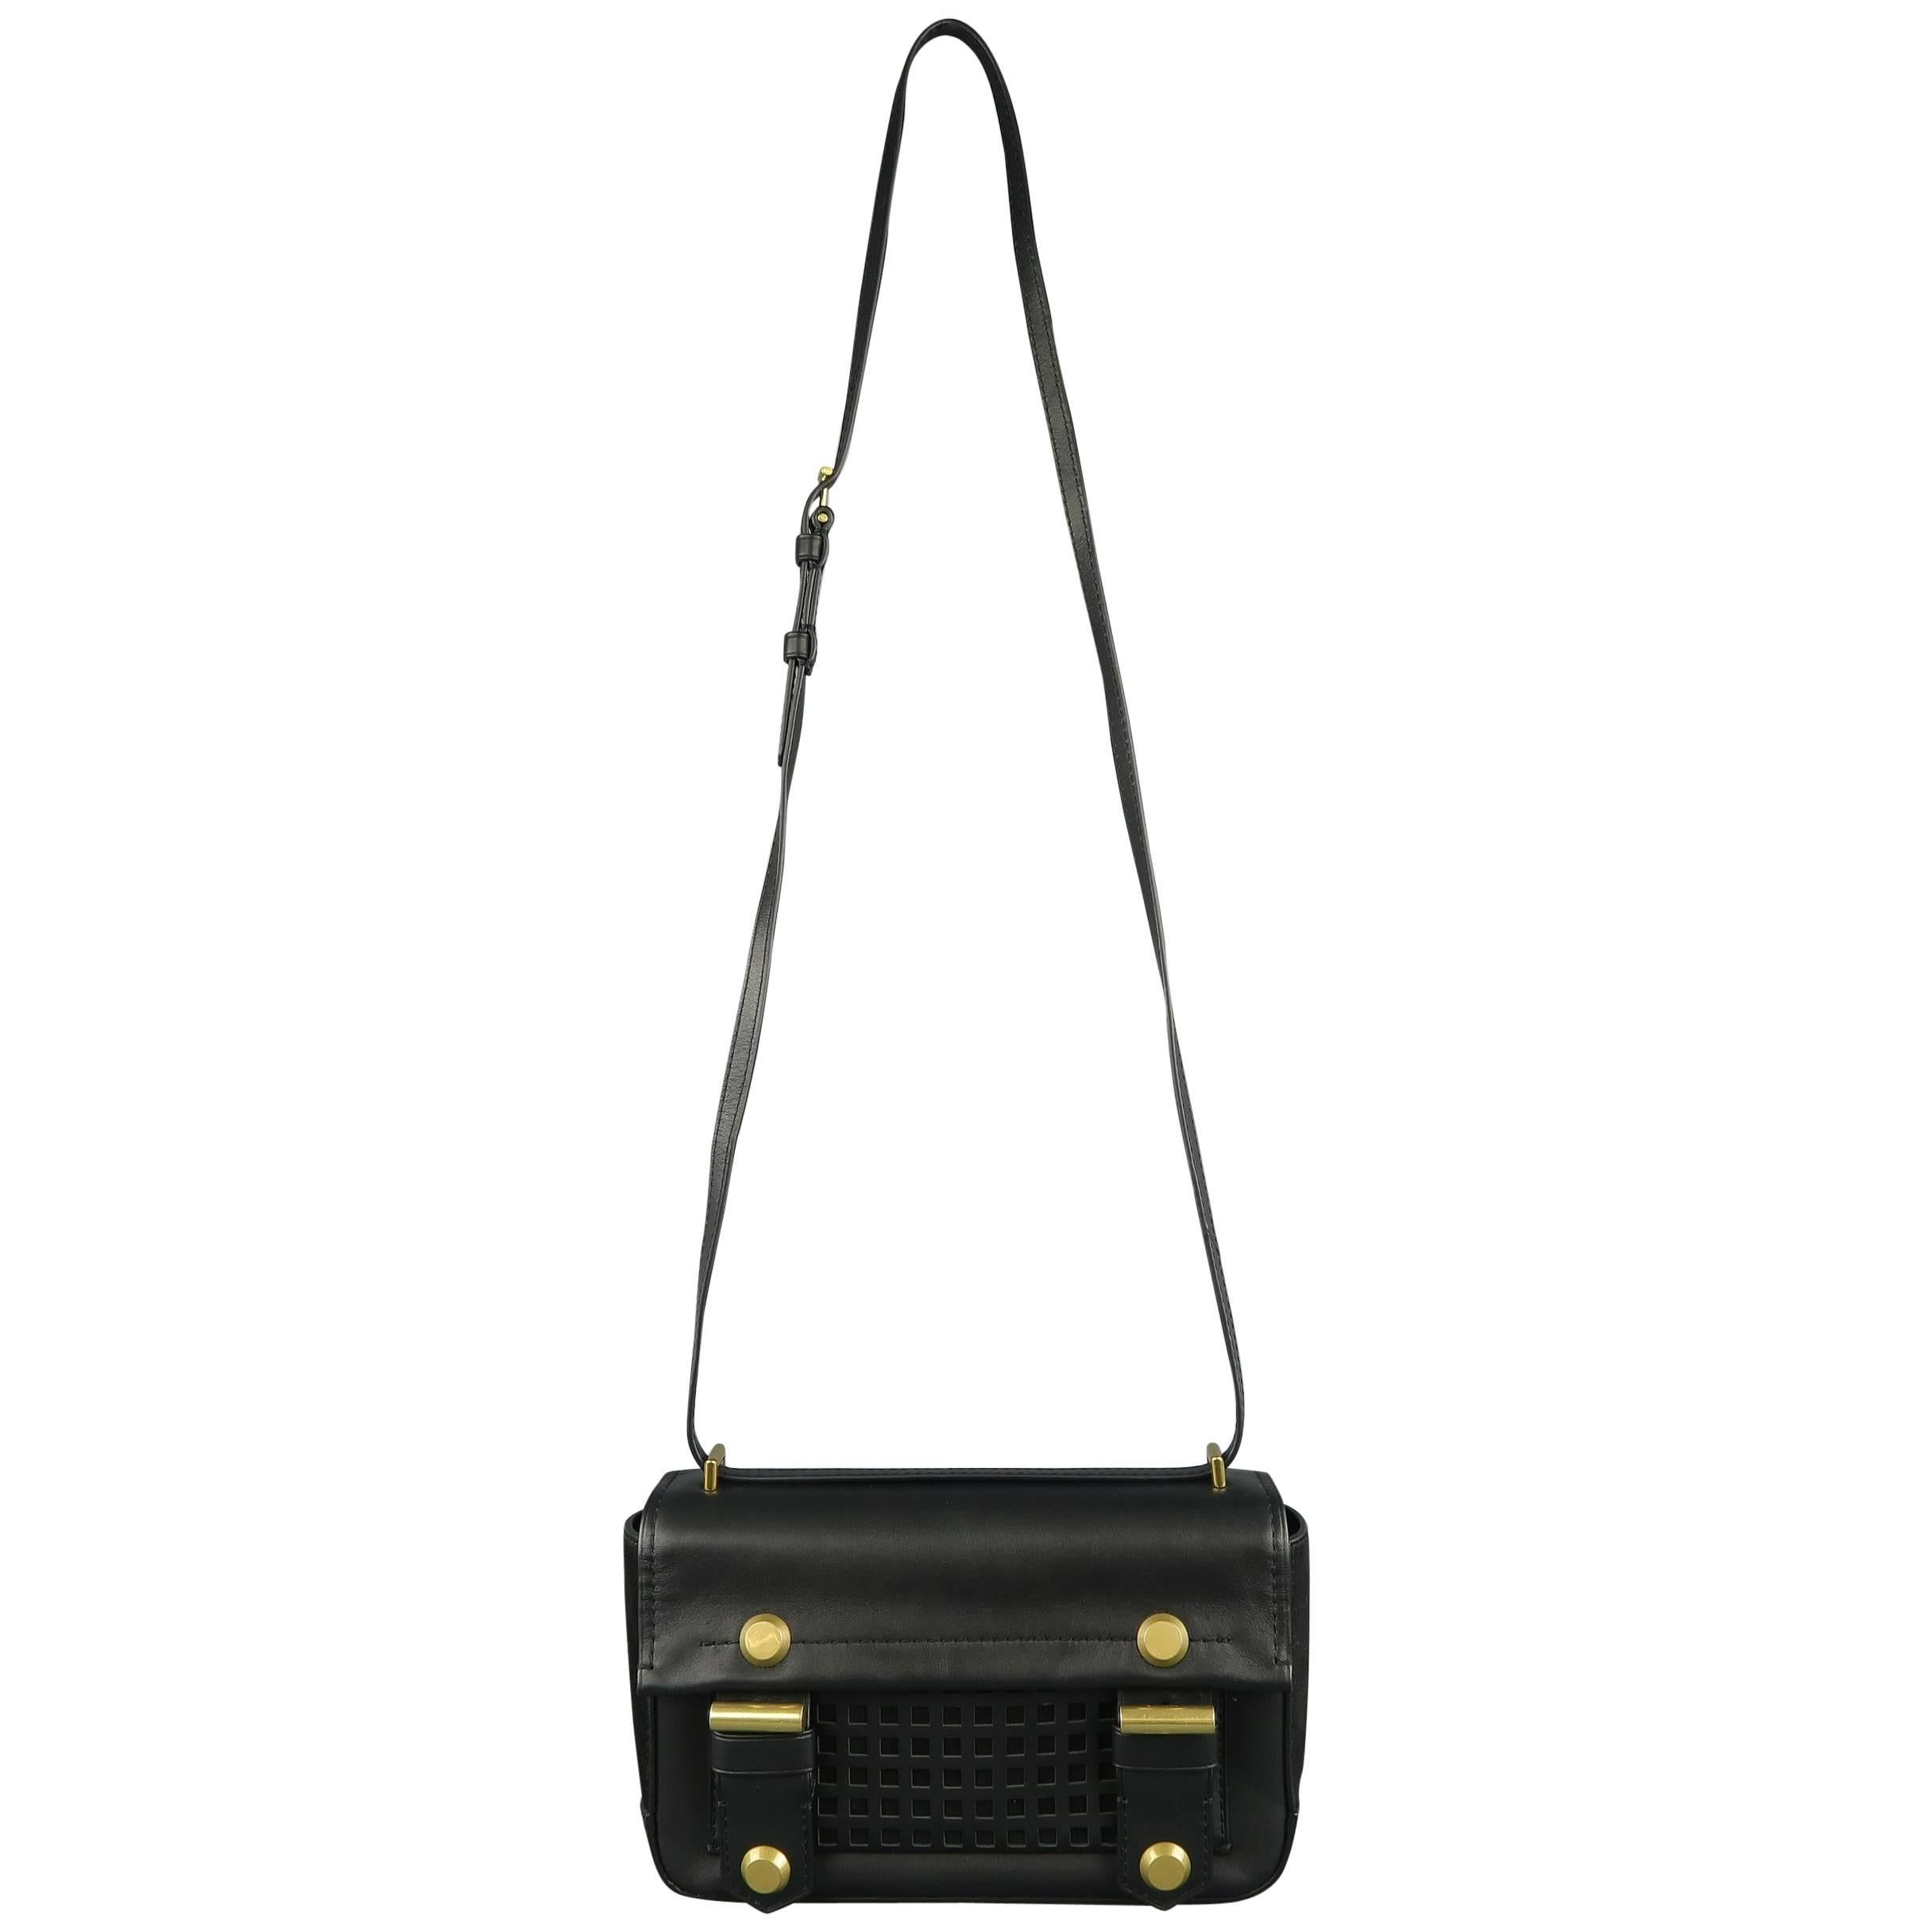 Reed Krakoff Black Leather Gold Brass Hardware Satchel Handbag D3OTP